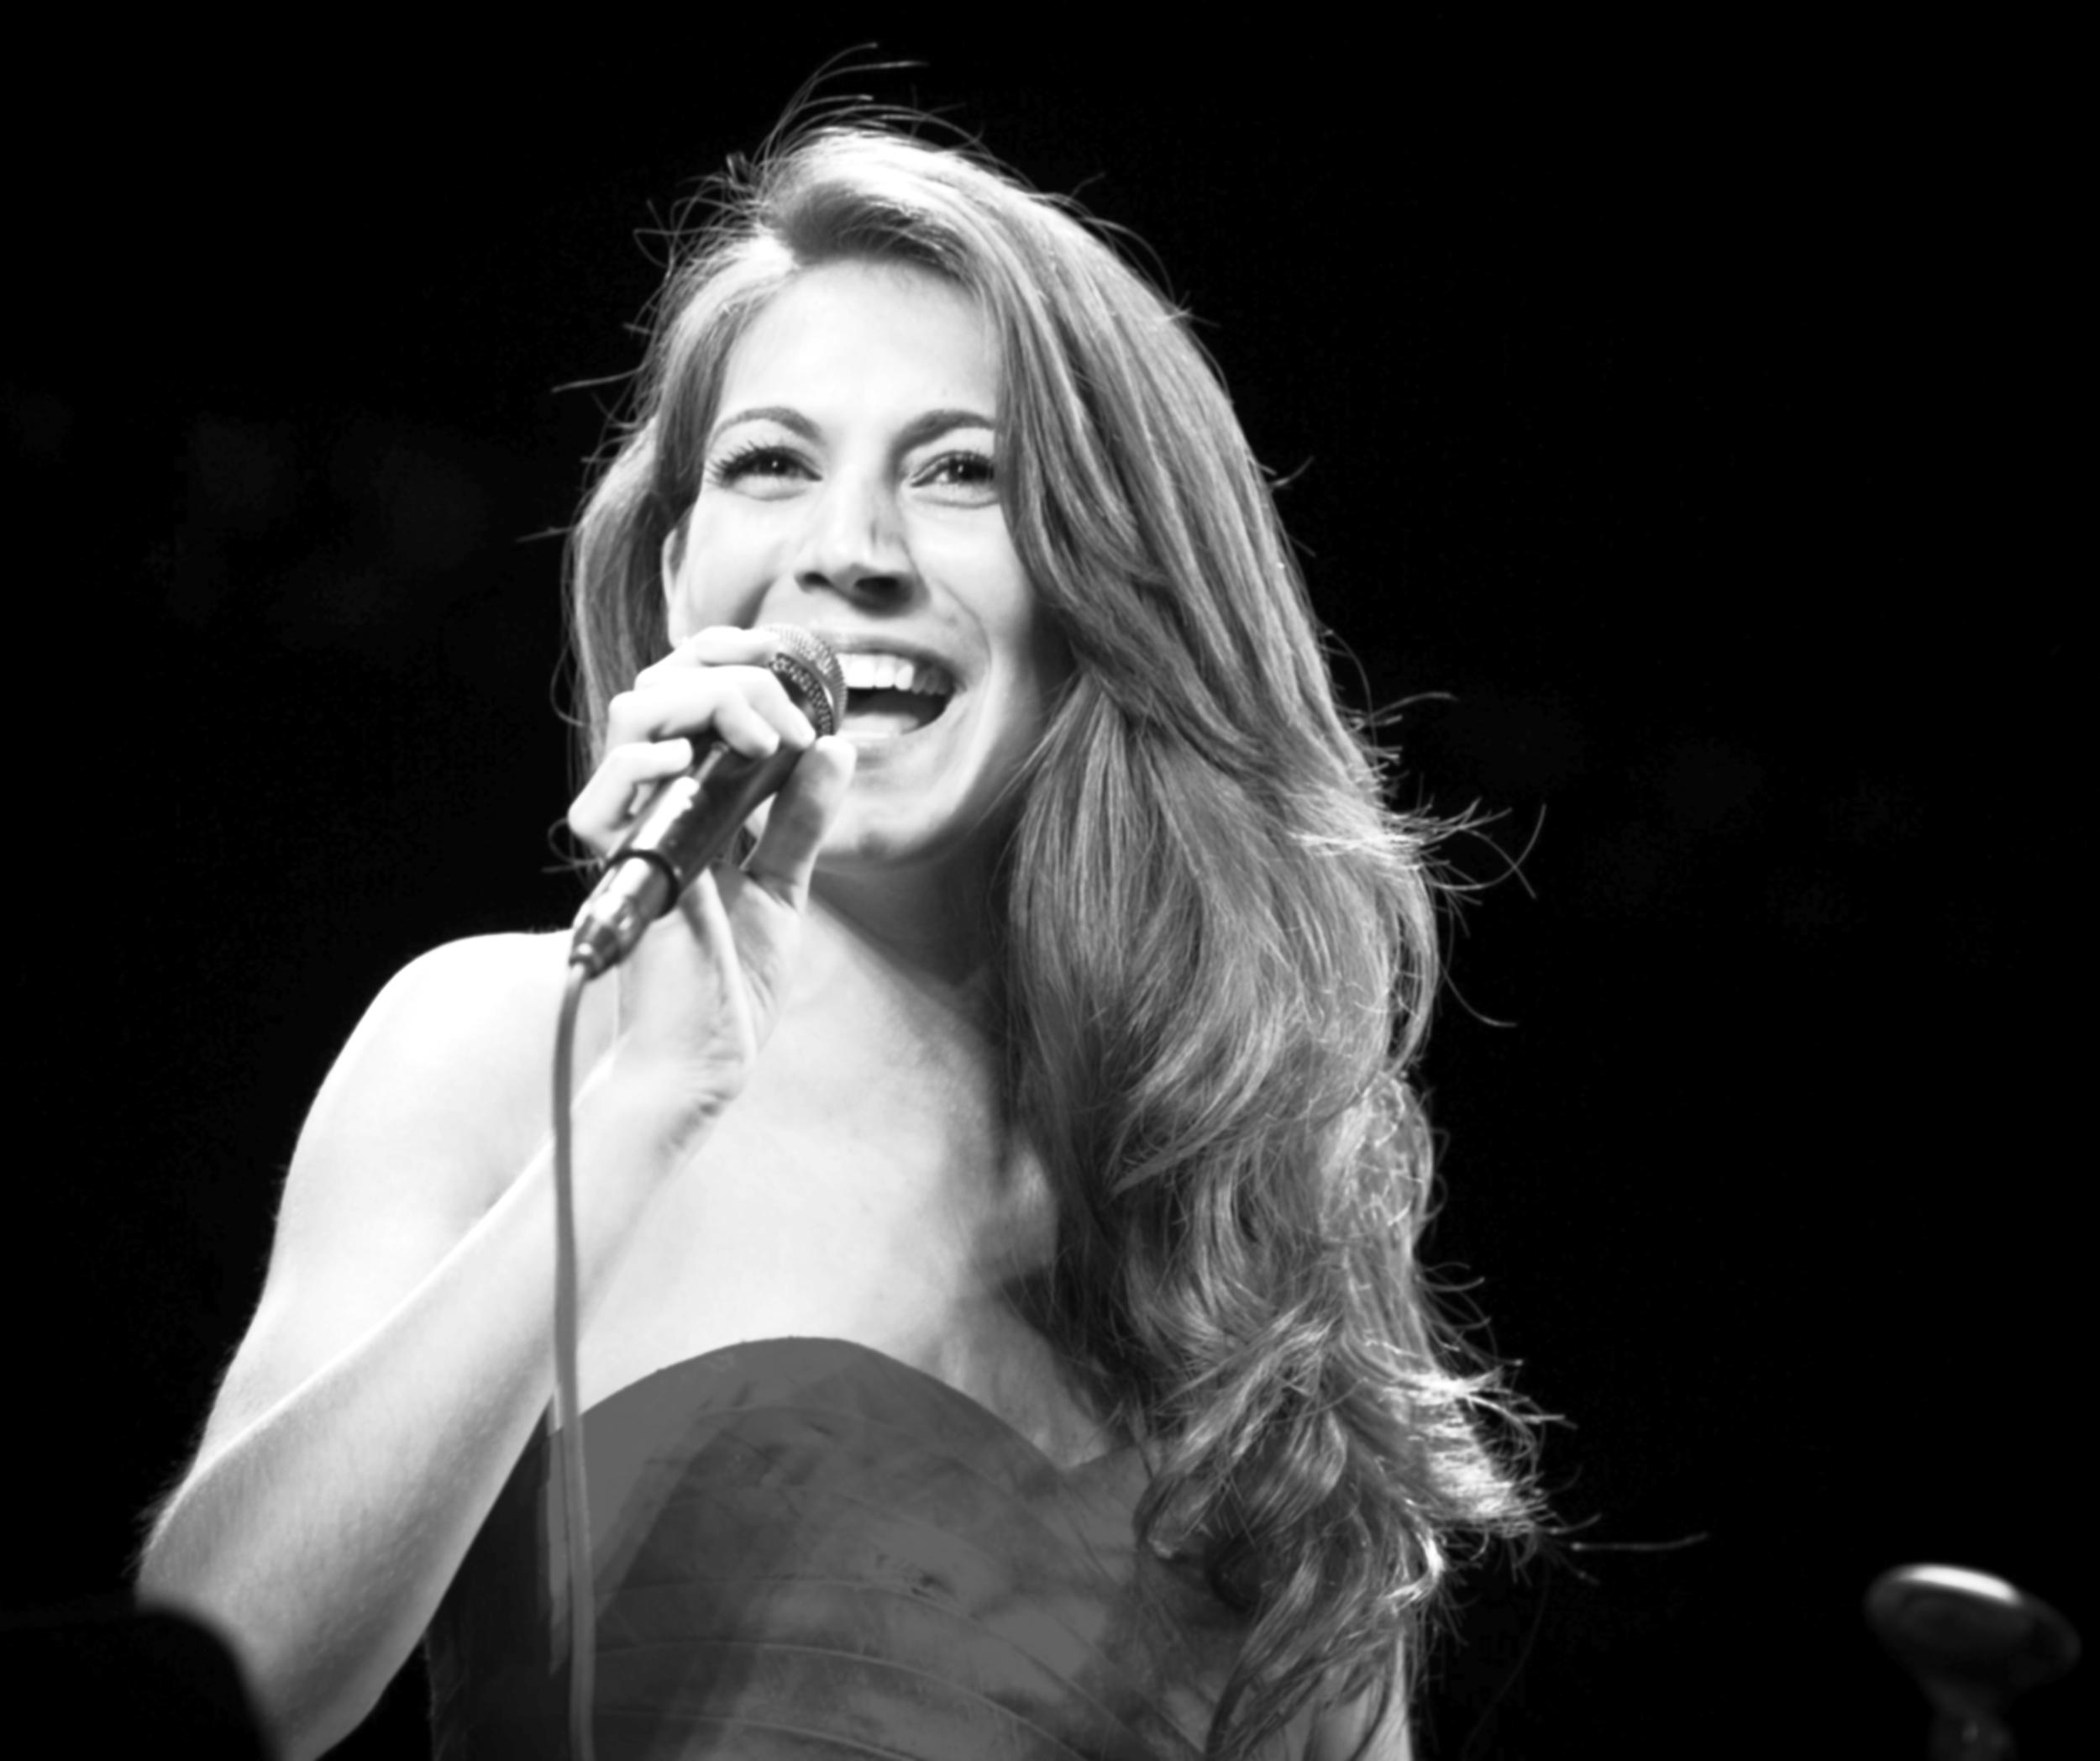 Vocalist Elise Cardinale